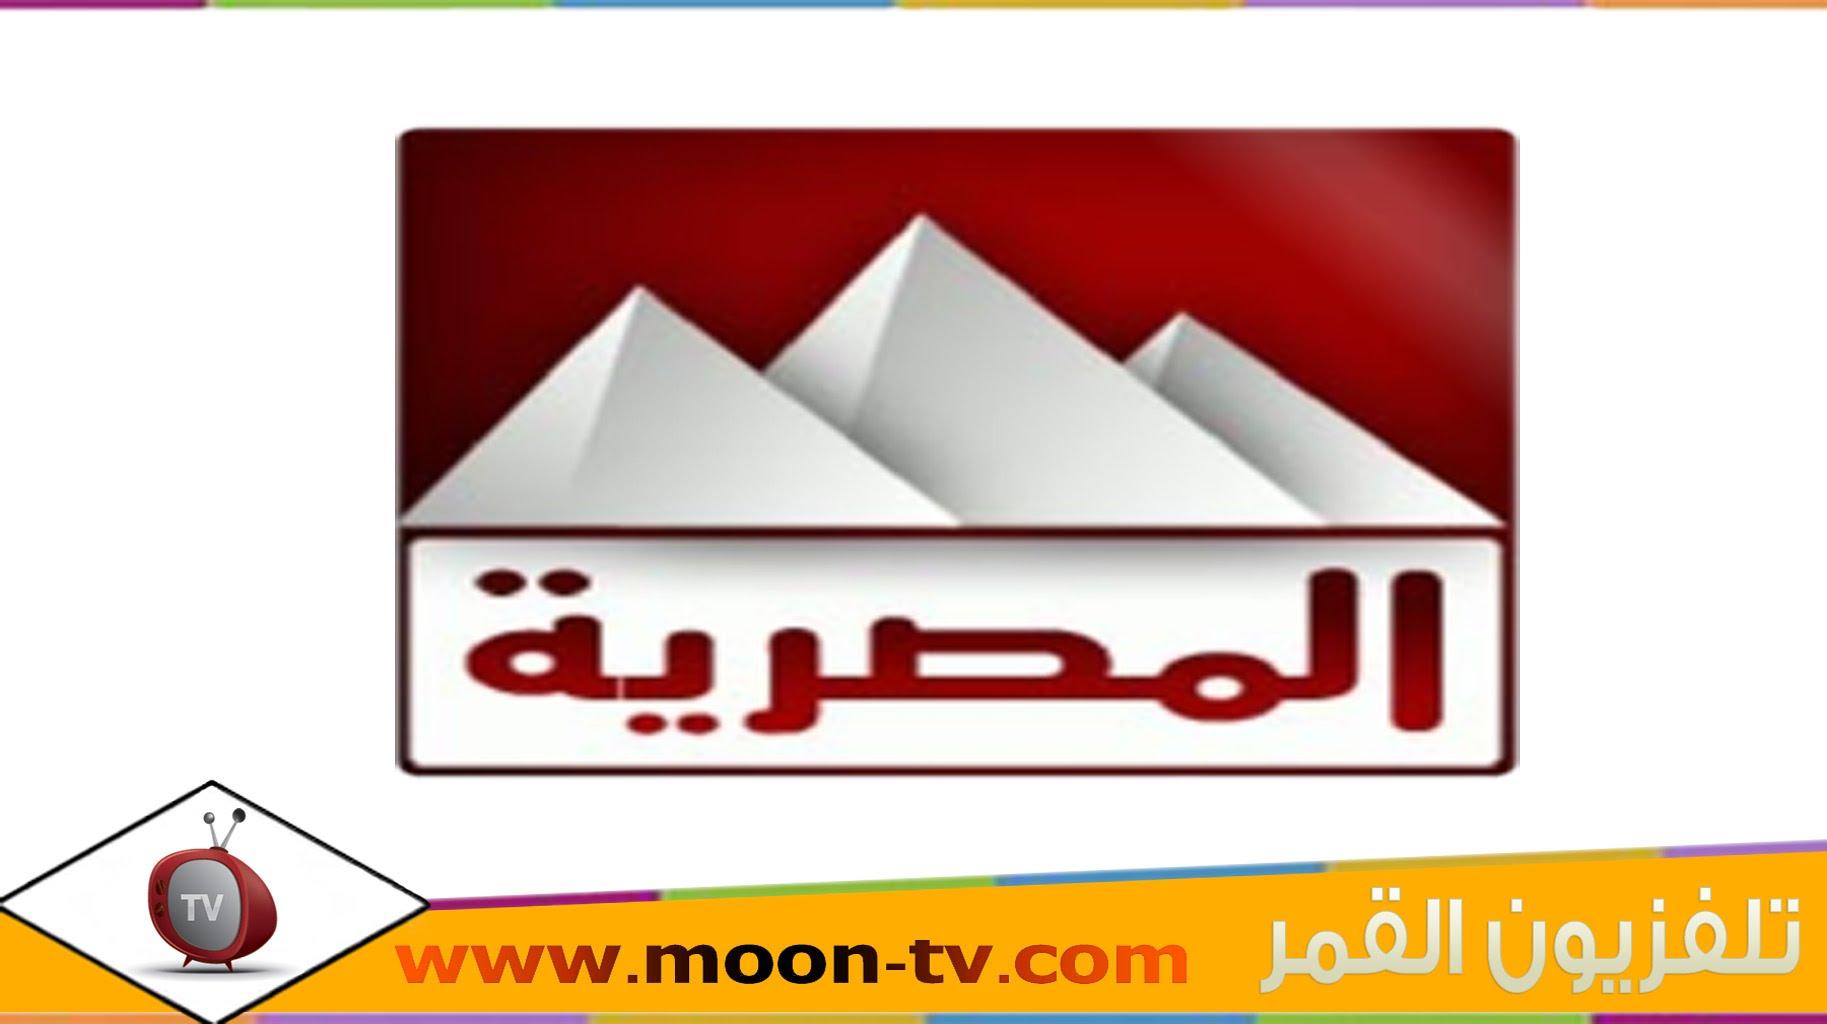 صور تردد قناة المصرية , ترددات القنوات المصرية